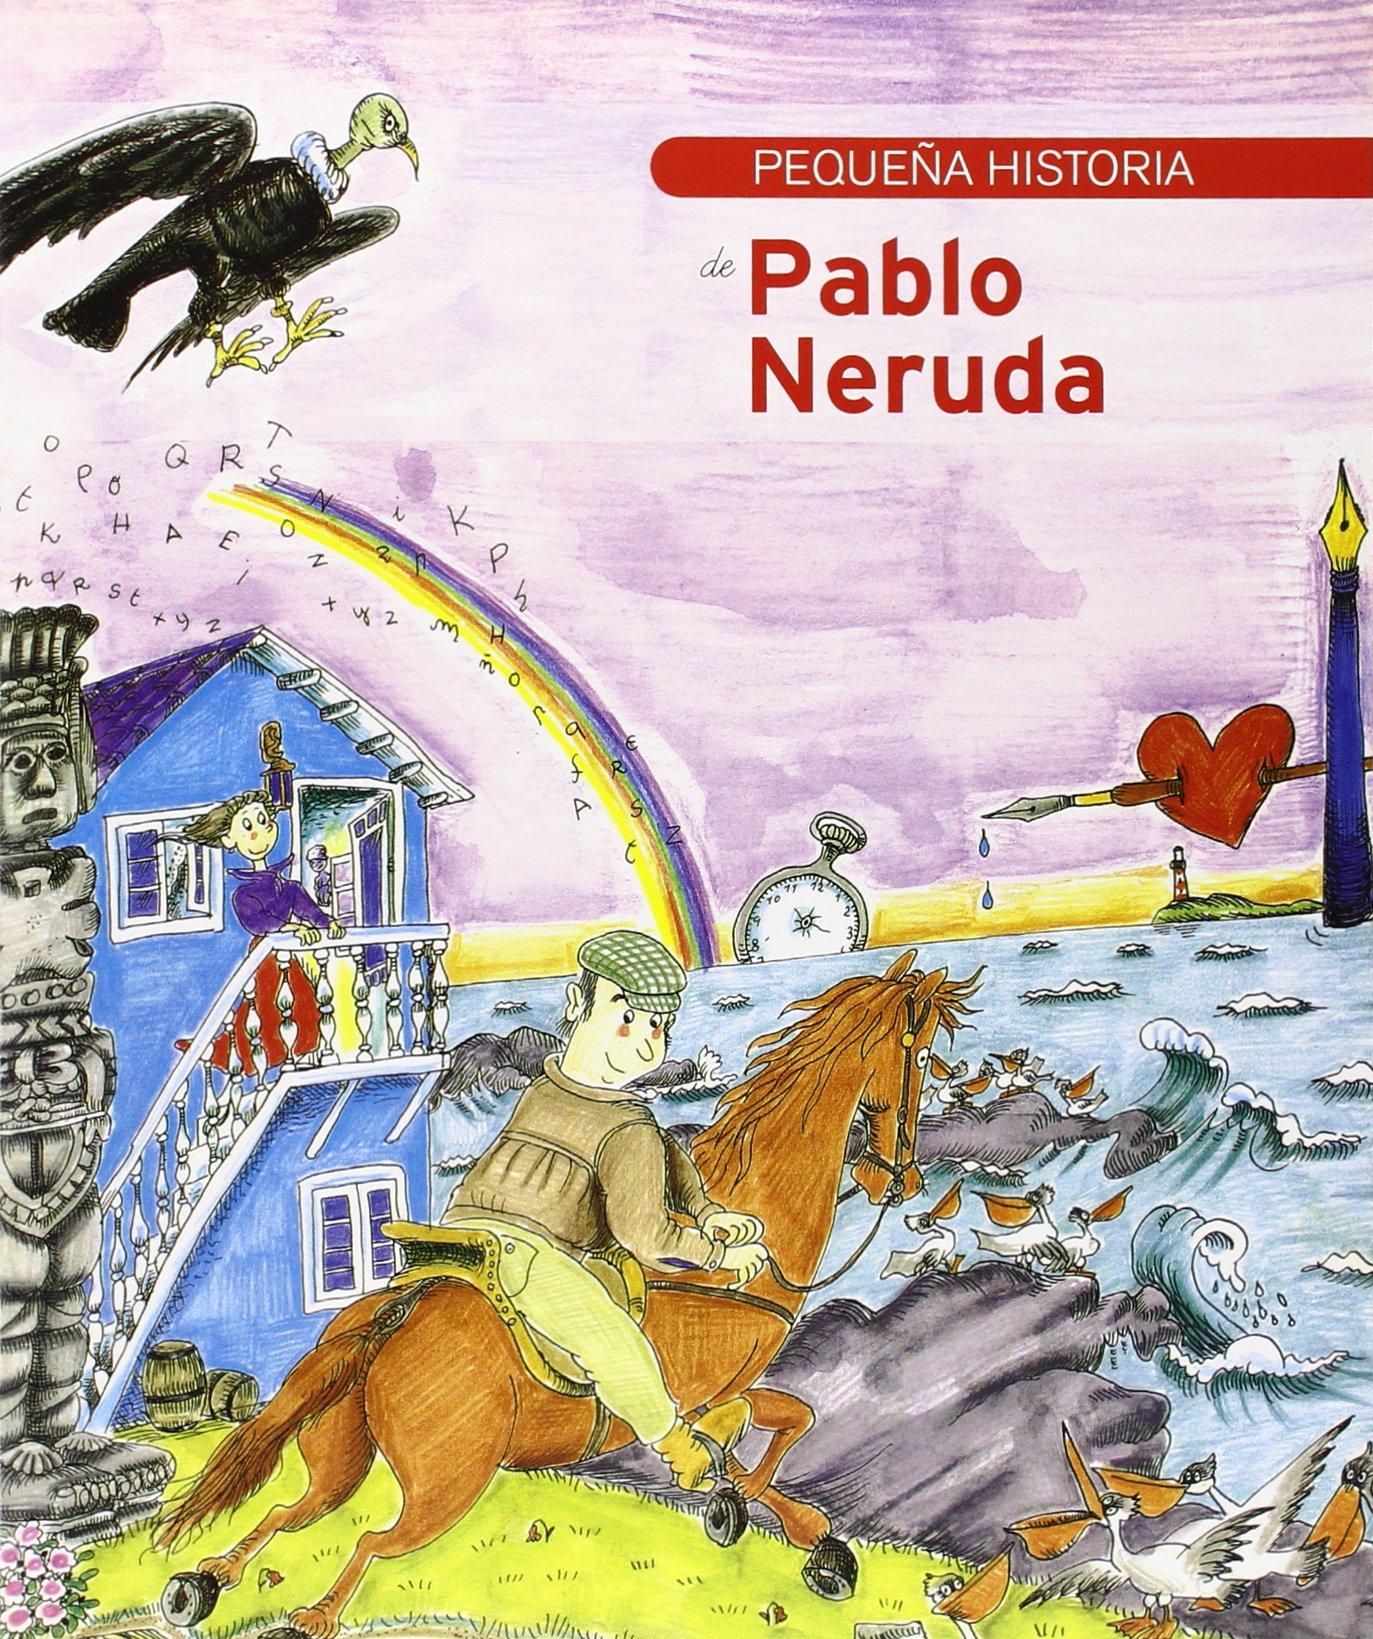 Pequeña historia de Pablo Neruda 2ª ed. Petites històries: Amazon.es: Robles Suárez, Juana, Bayés Luna, Pilarín: Libros